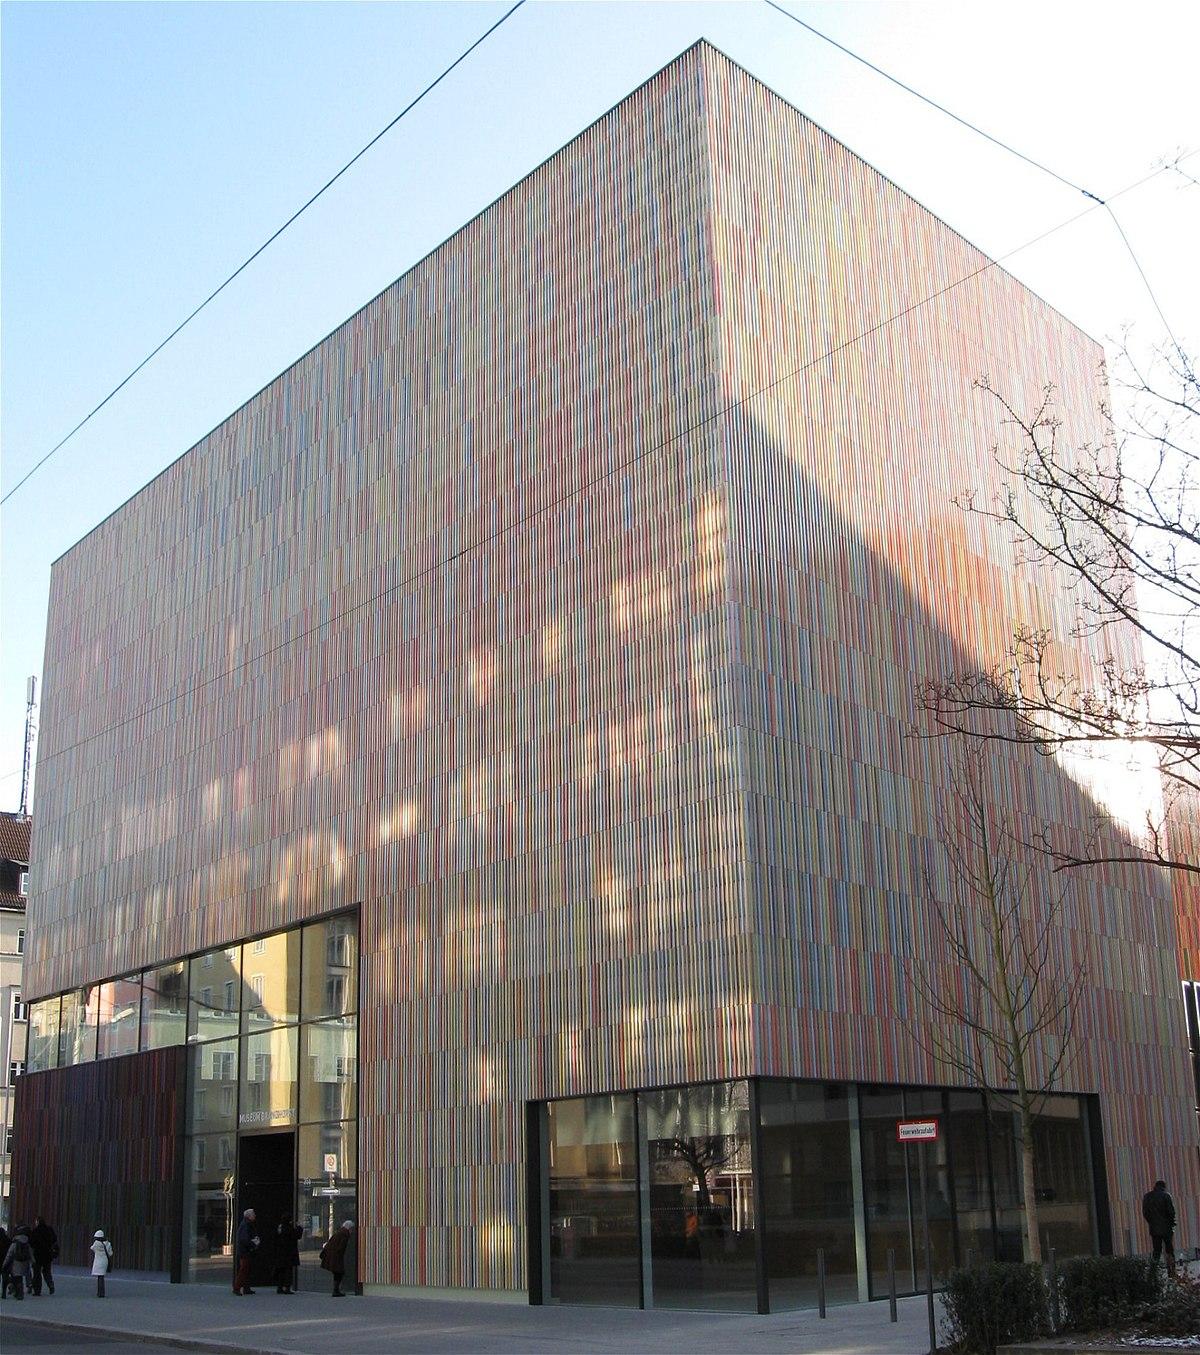 Museum Brandhorst - Wikipedia